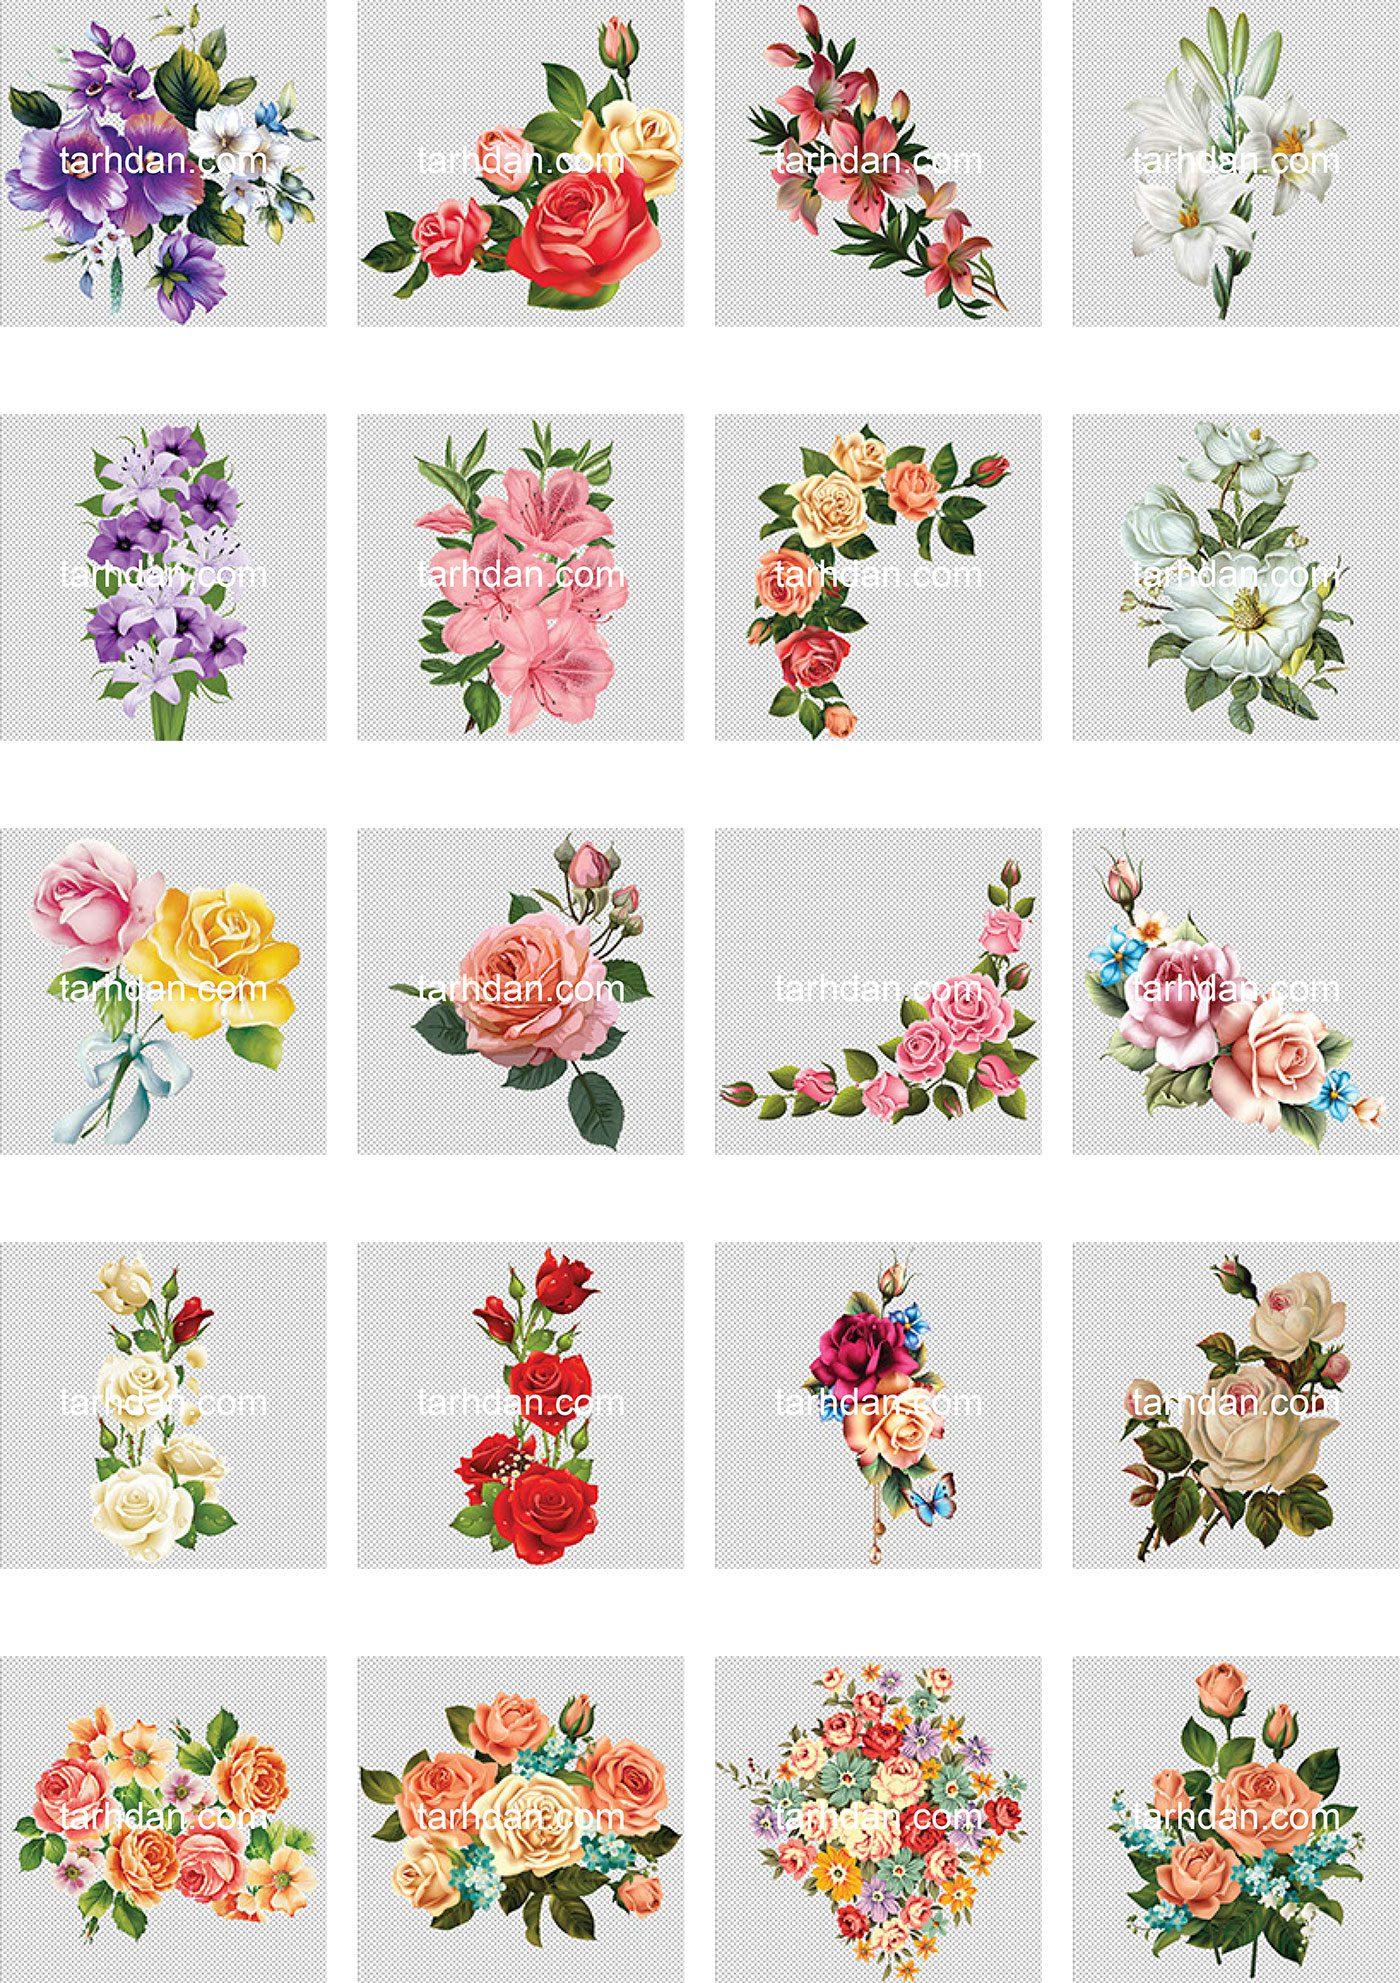 دانلود مجموعه دور بری شده عکس گل (1)